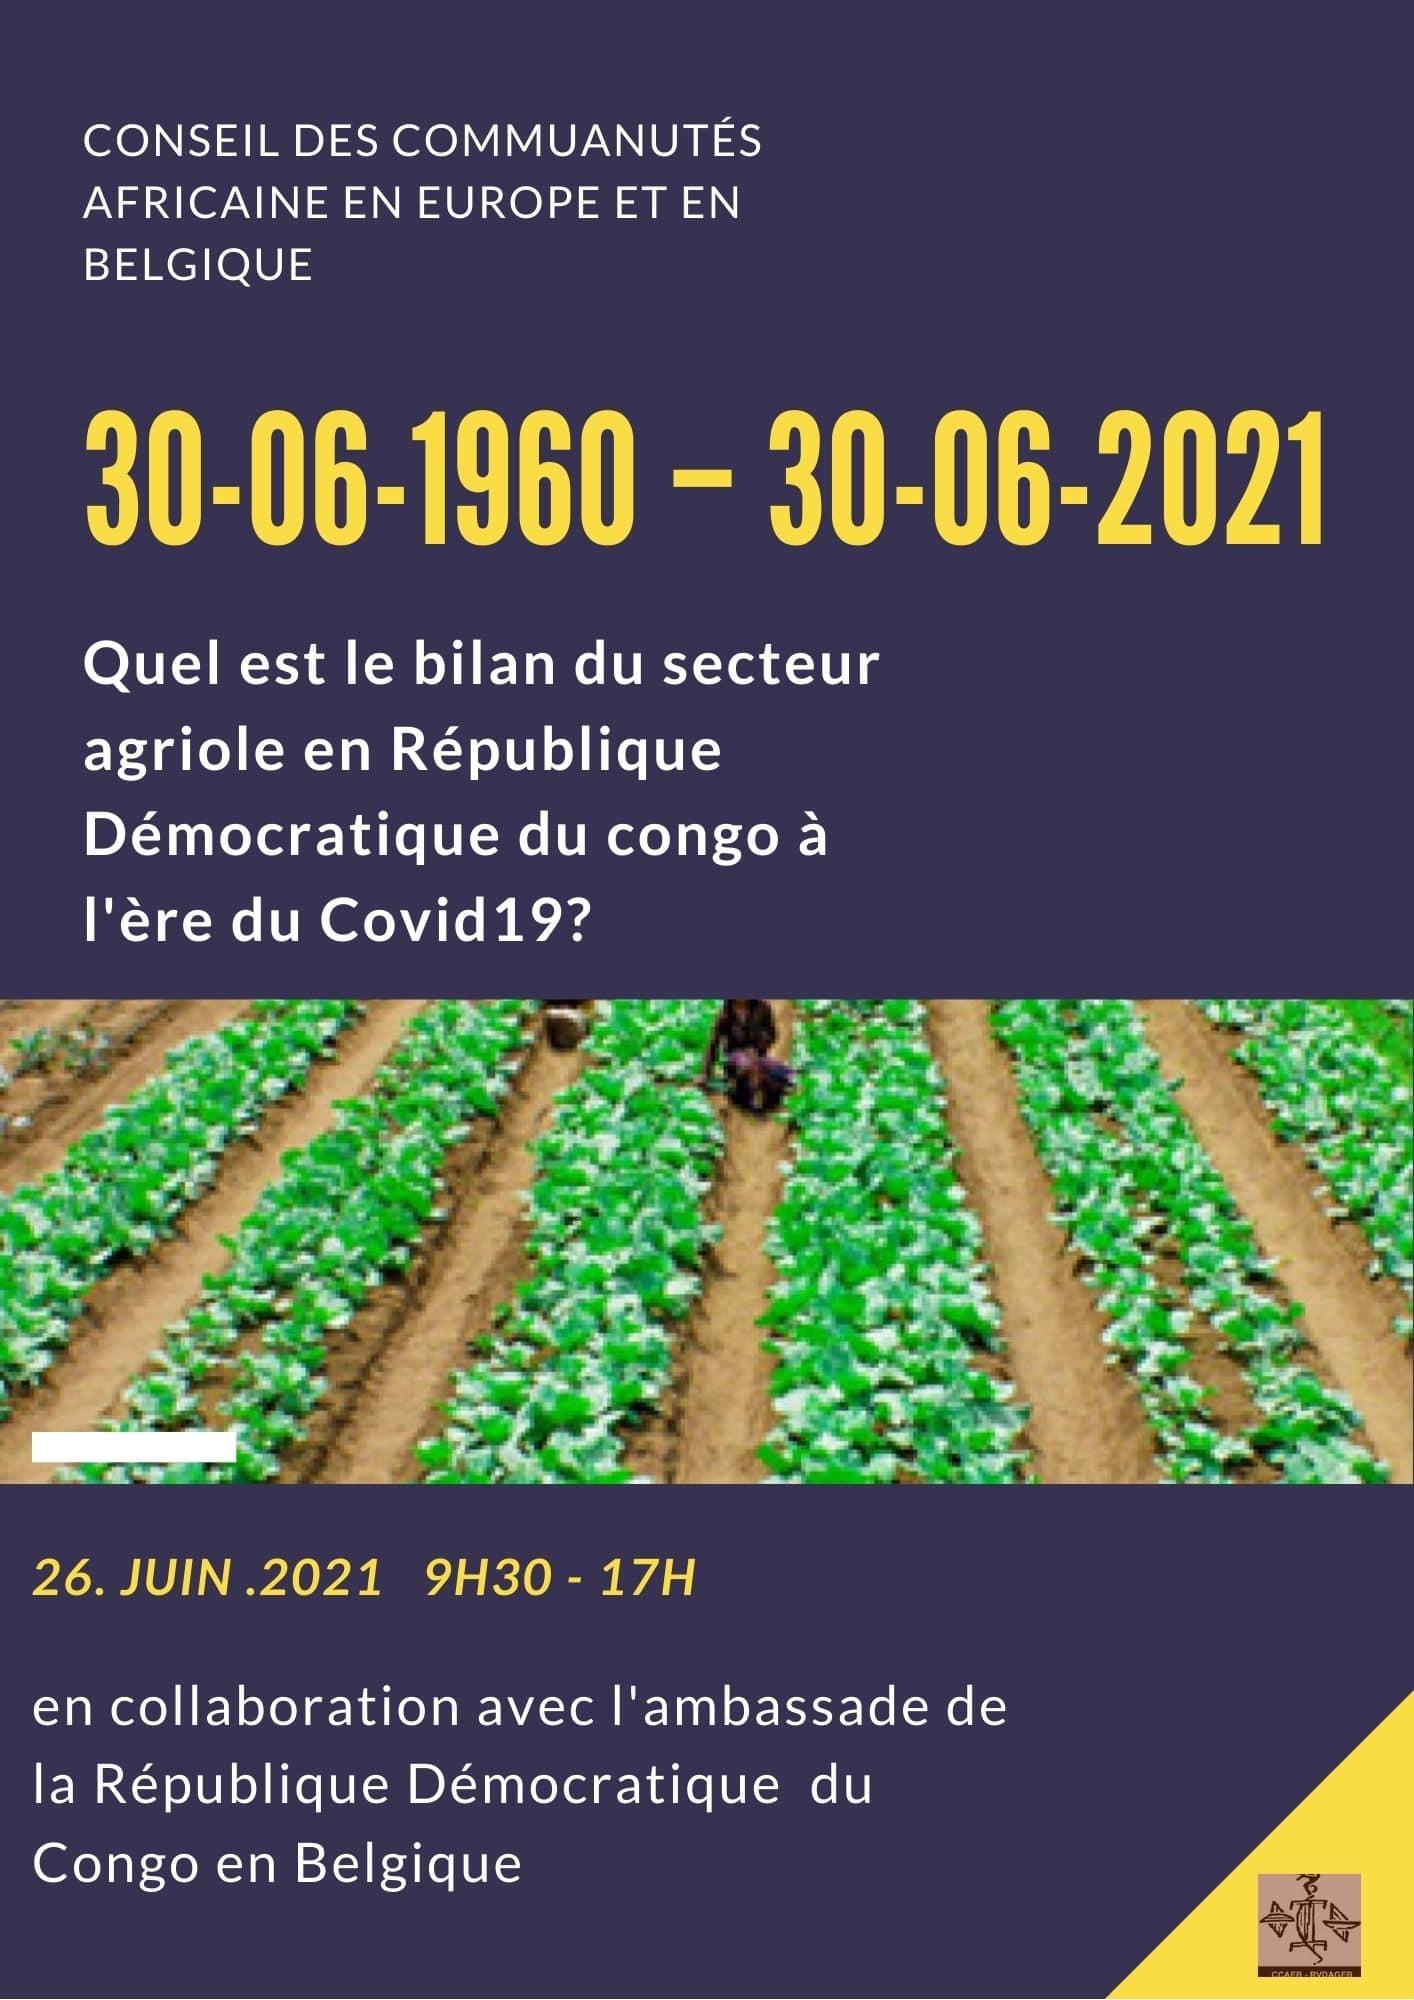 Quel est le bilan du secteur agricole en République Démocratique du Congo à l'ère du Covid-19?